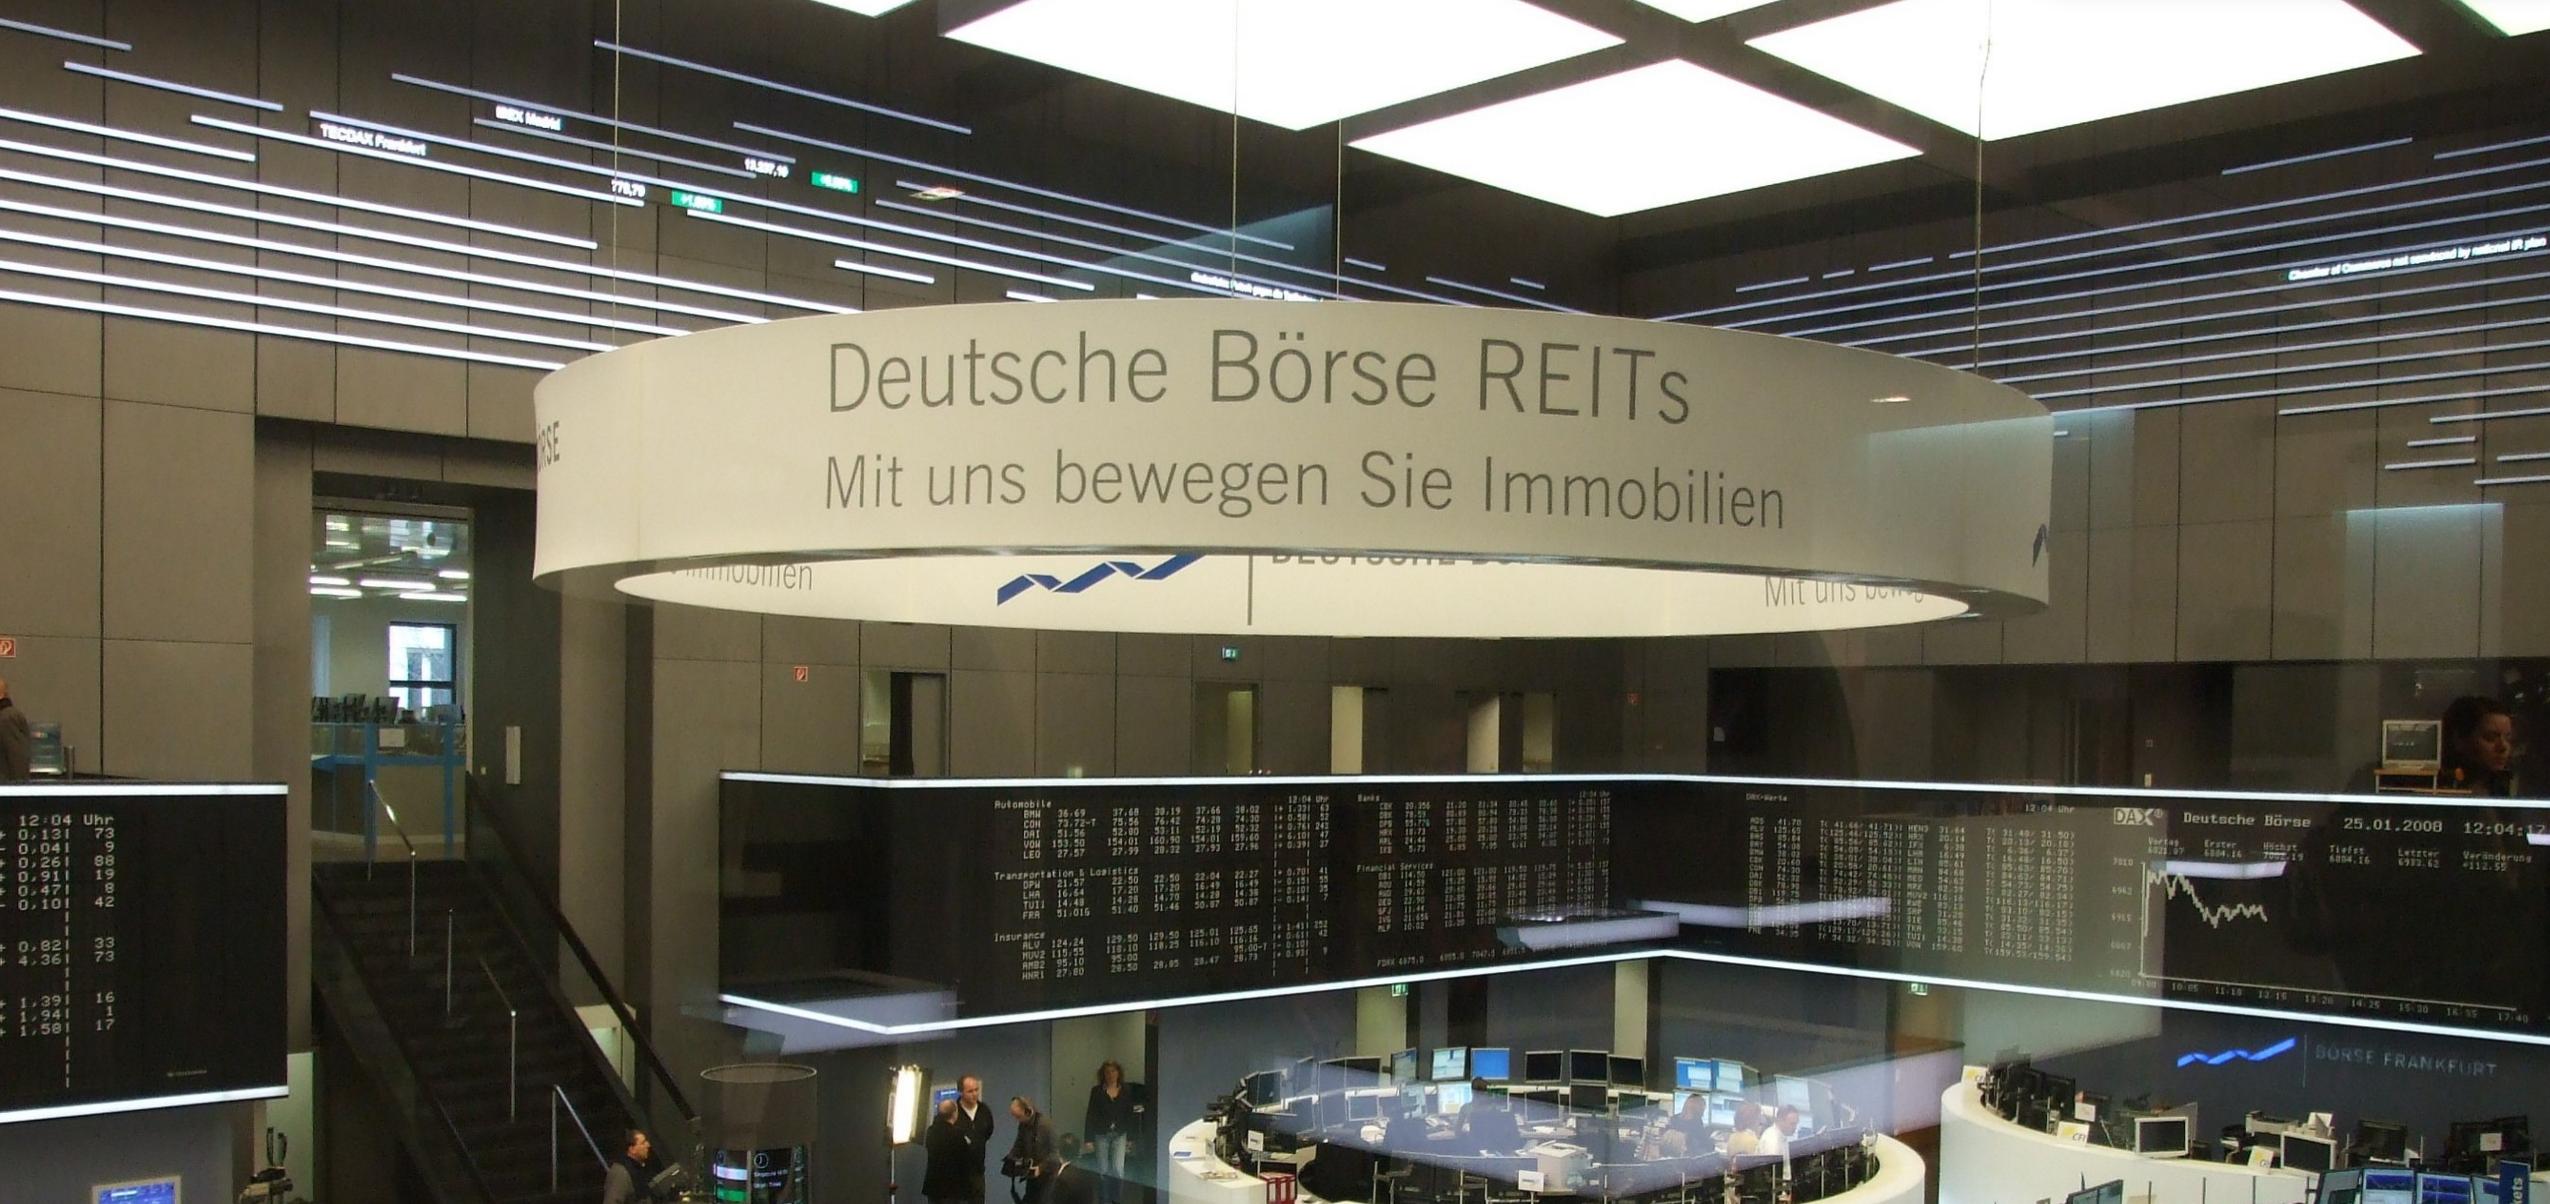 صرافی Deutsche Borse در آستانه عرضه بسته مالی جدید مبتنی بر بیتکوین